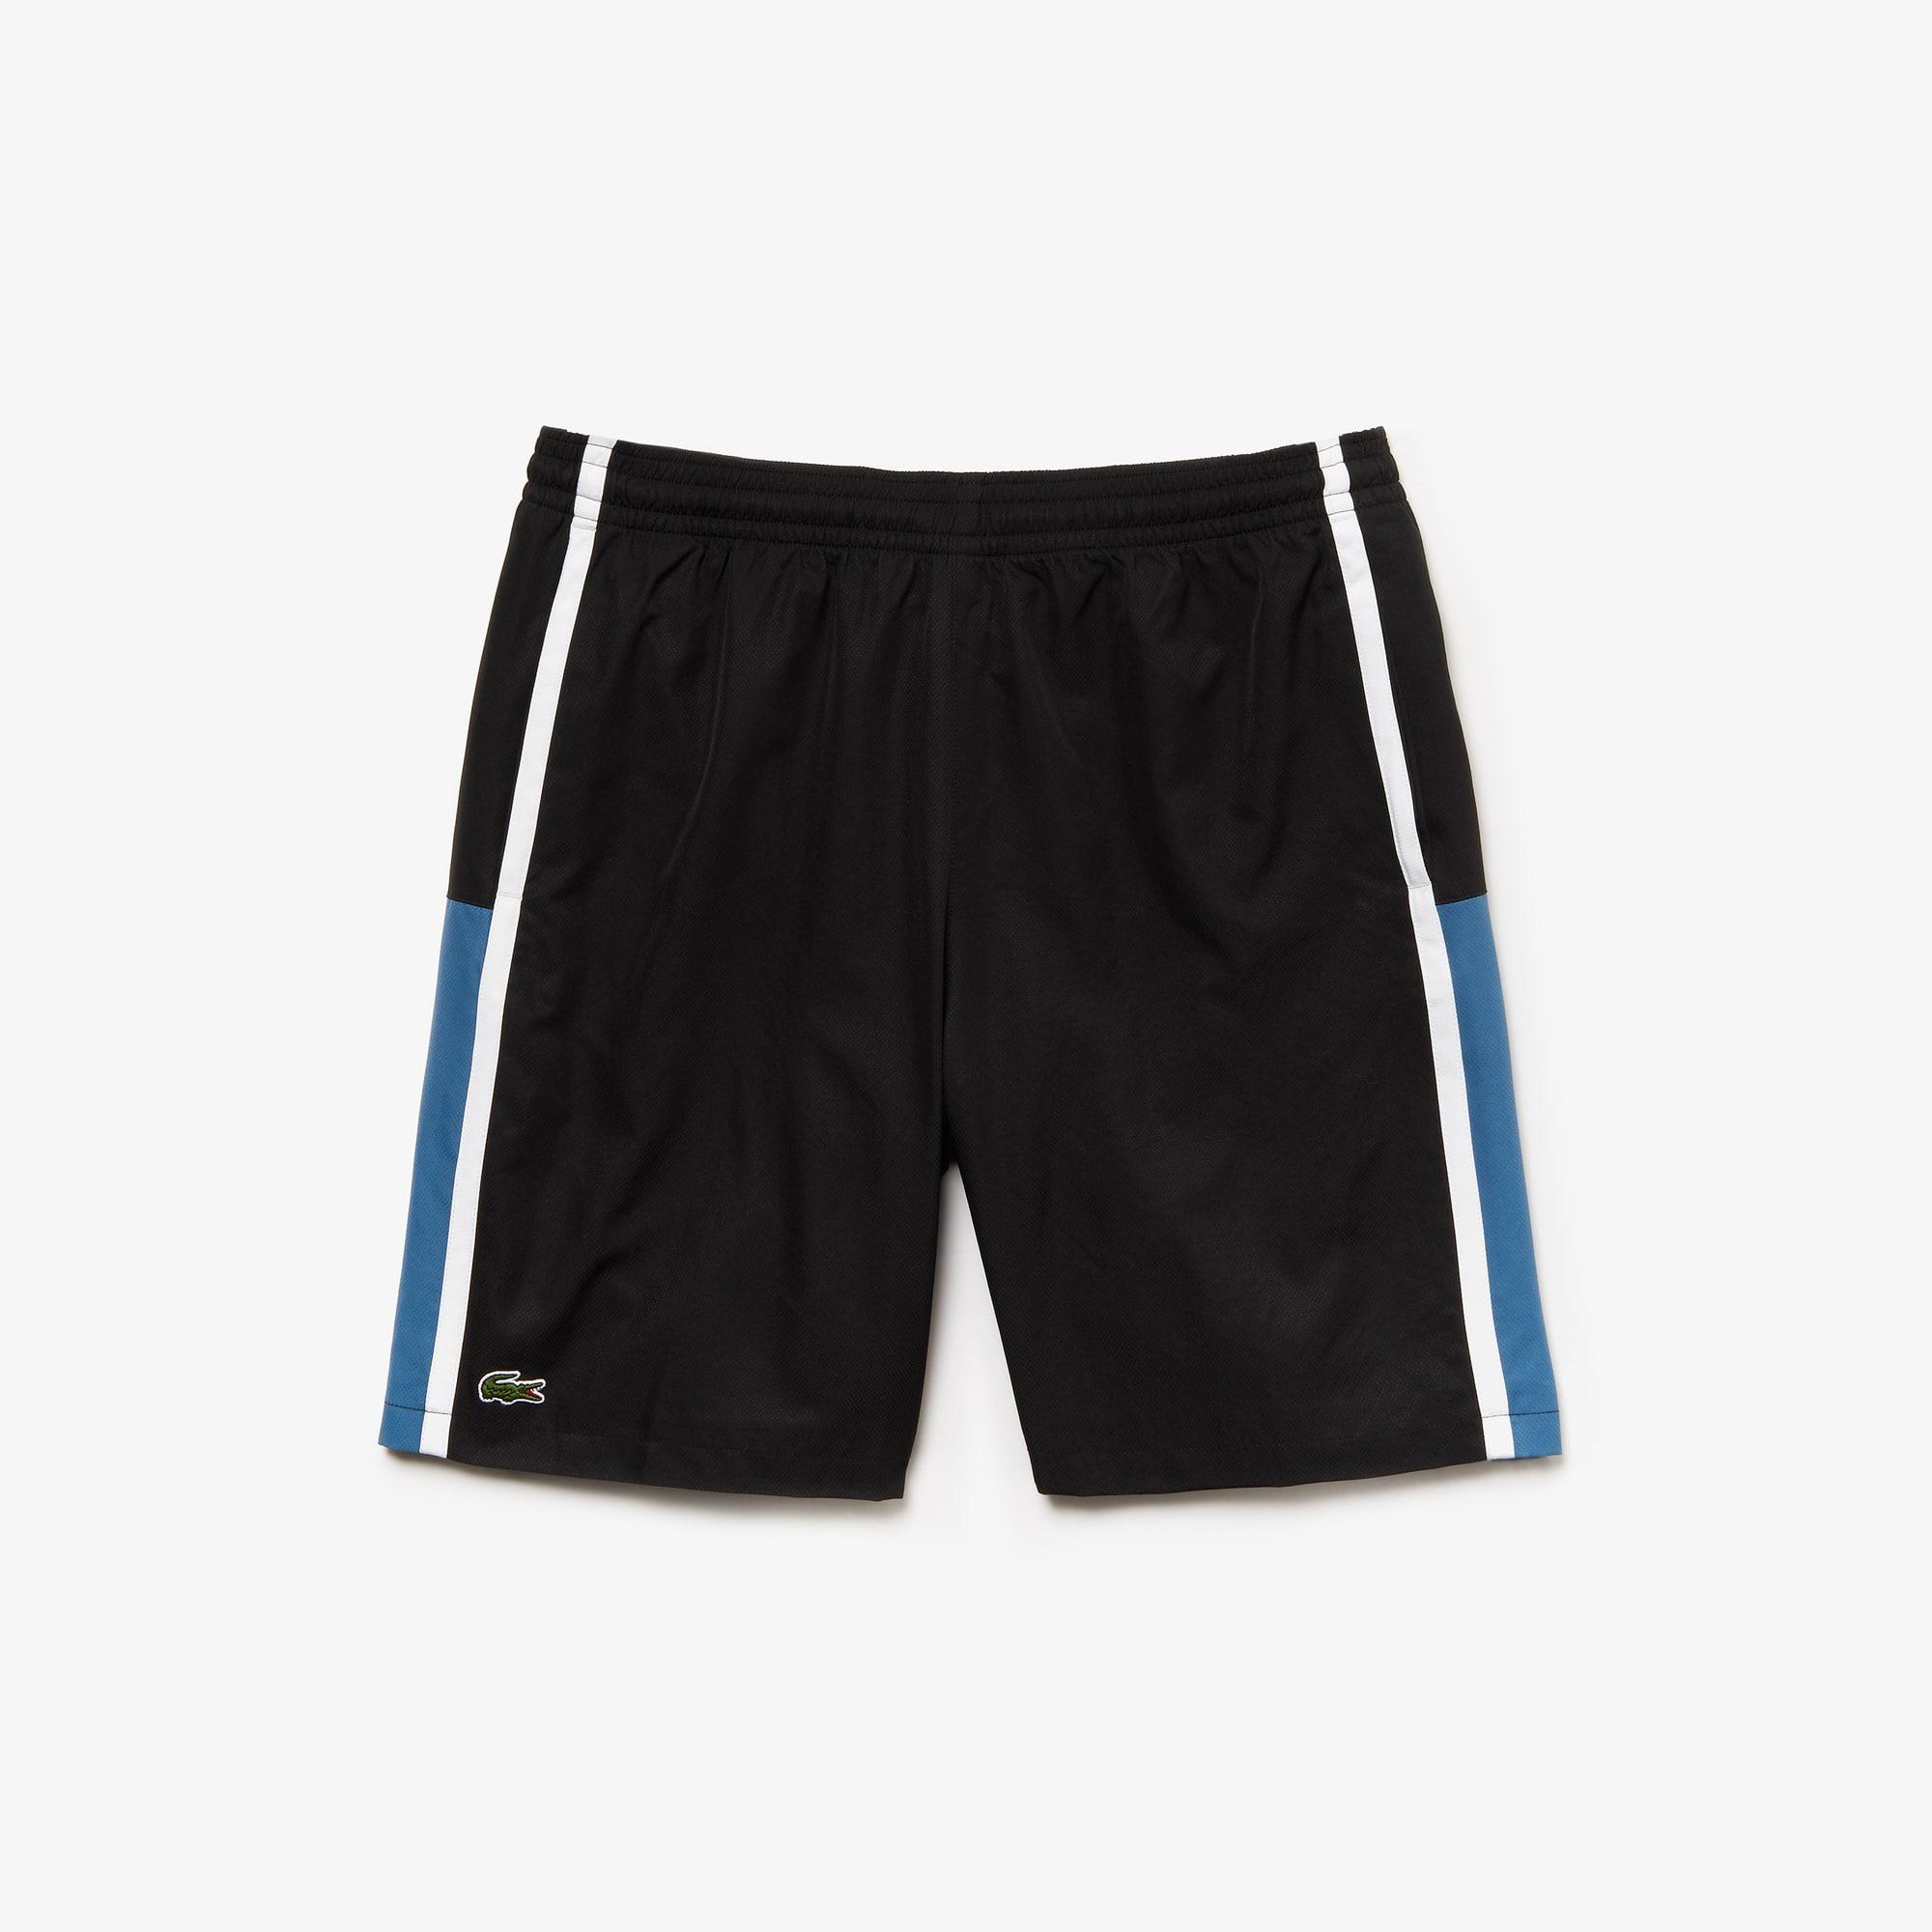 라코스테 Lacoste Mens SPORT Taffeta Tennis Shorts,black / blue / white